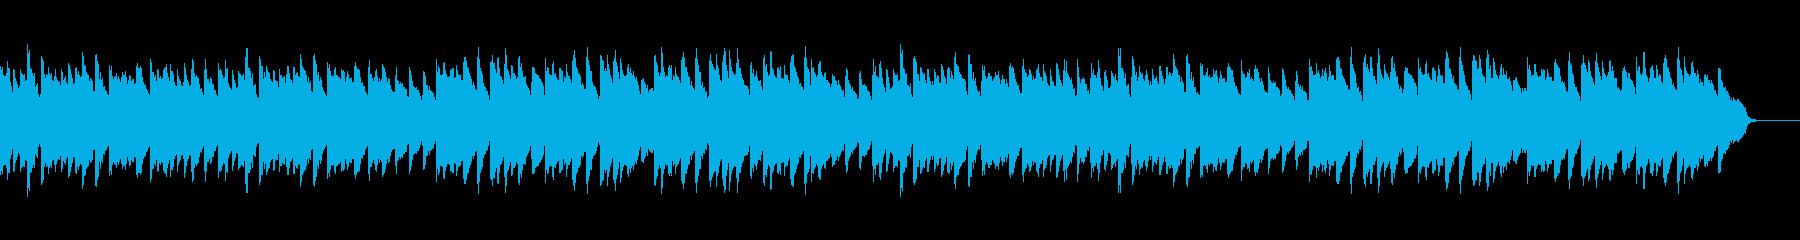 アコースティックセンチメンタル(ピアノ)の再生済みの波形